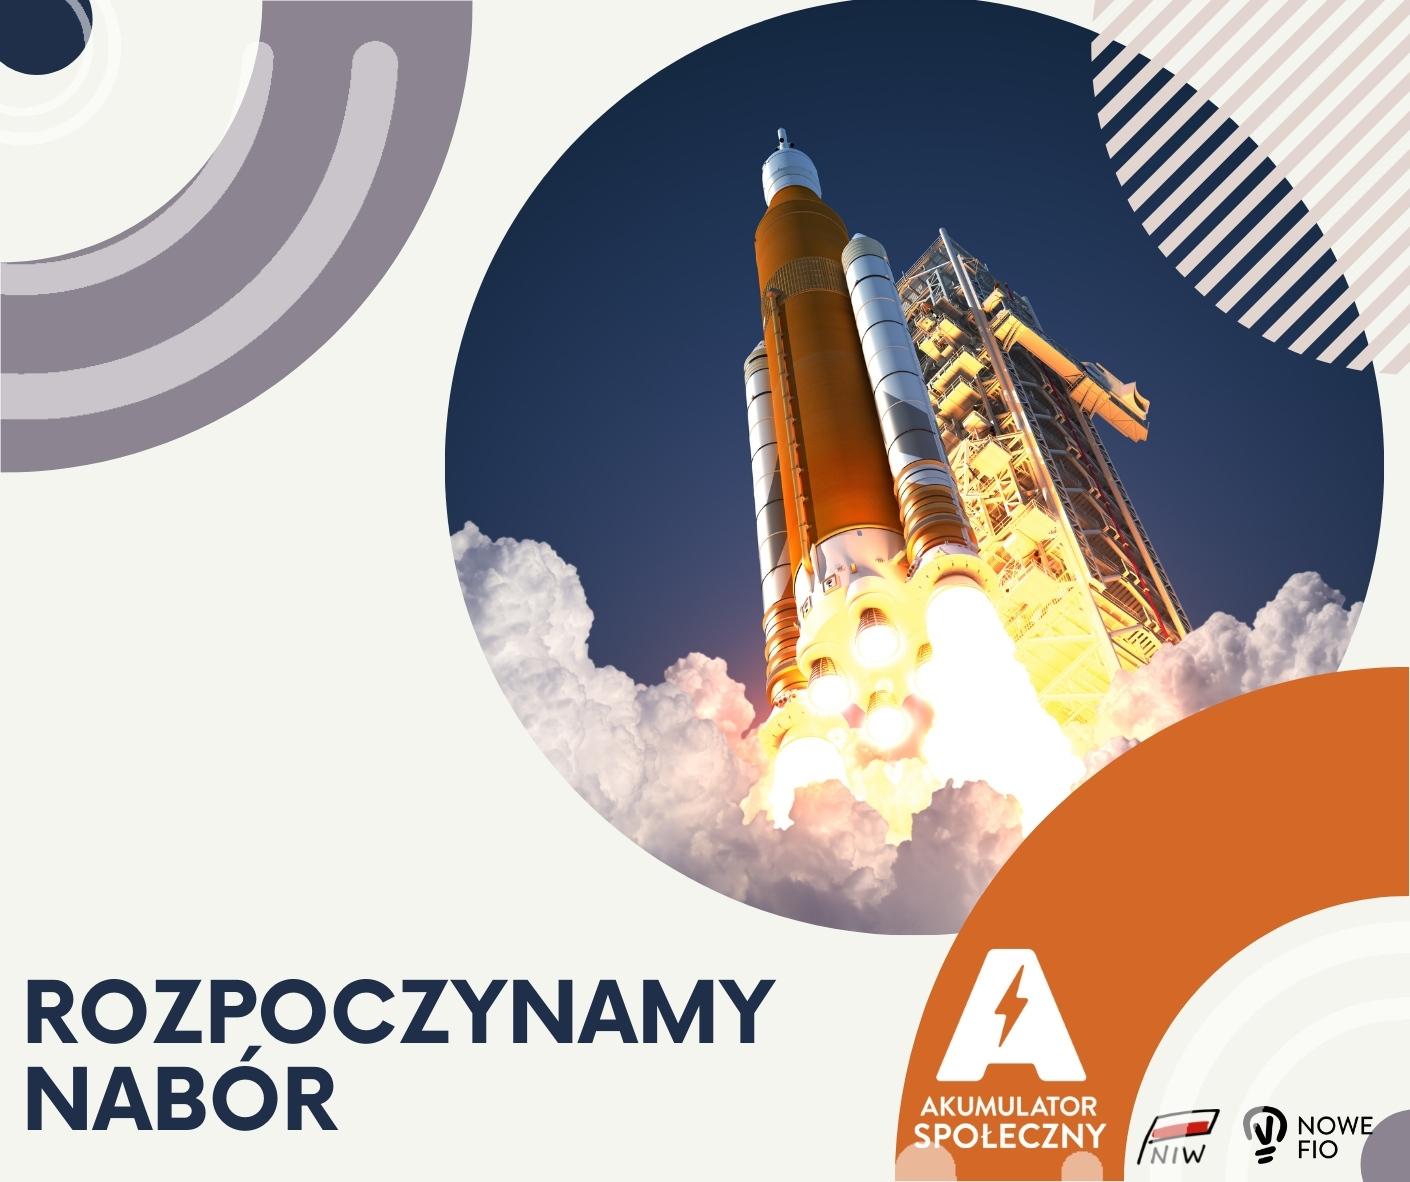 Czas start! Rusza Fundusz Nowy AKUMULATOR SPOŁECZNY